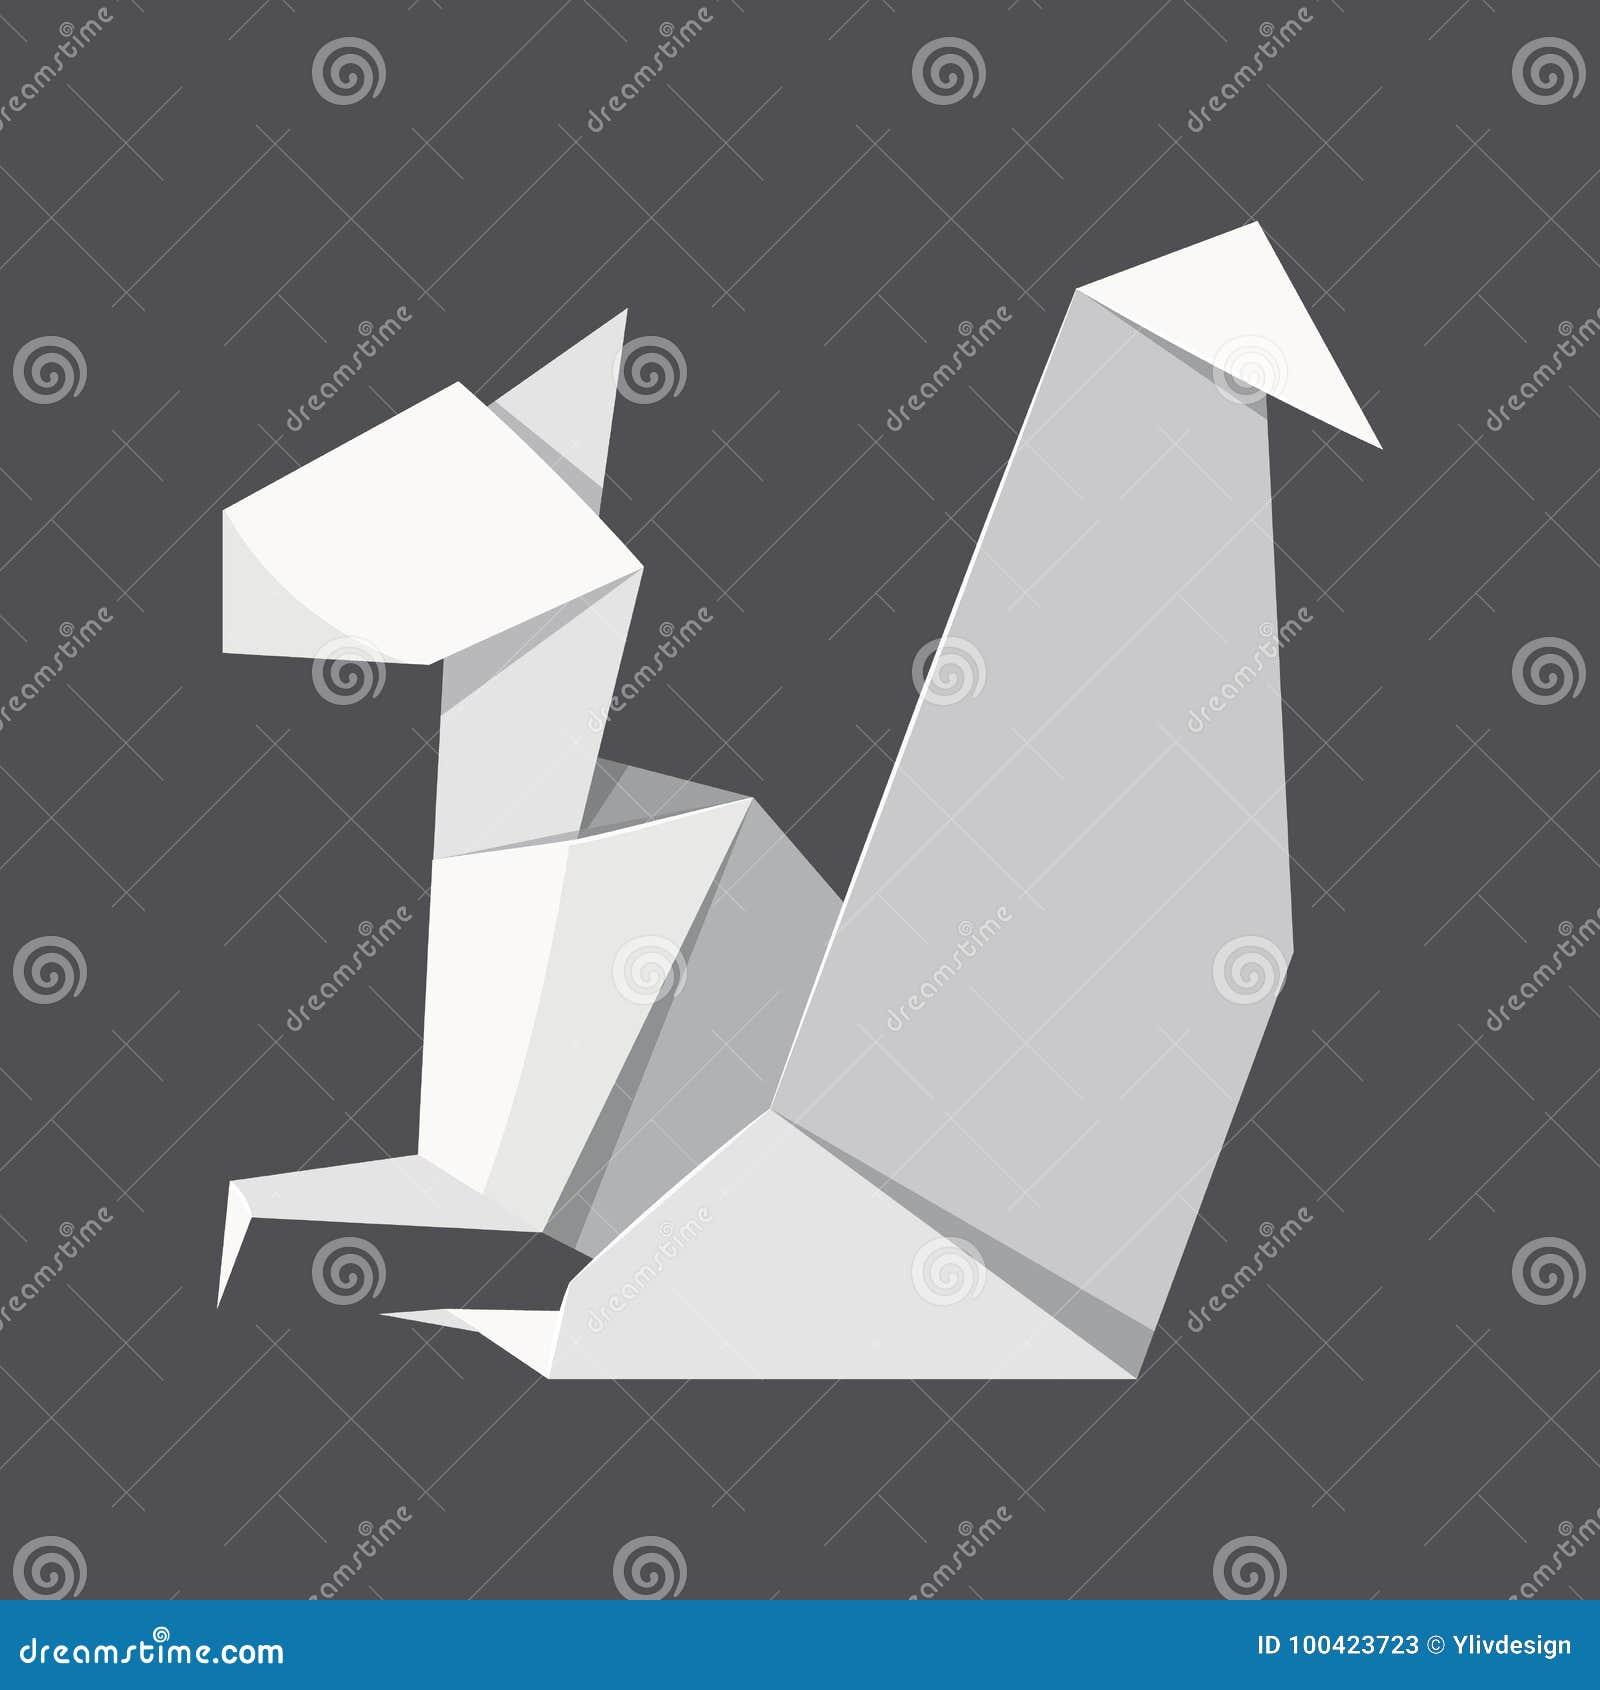 Fond De Concept D Ecureuil D Origami Style Realiste Illustration De